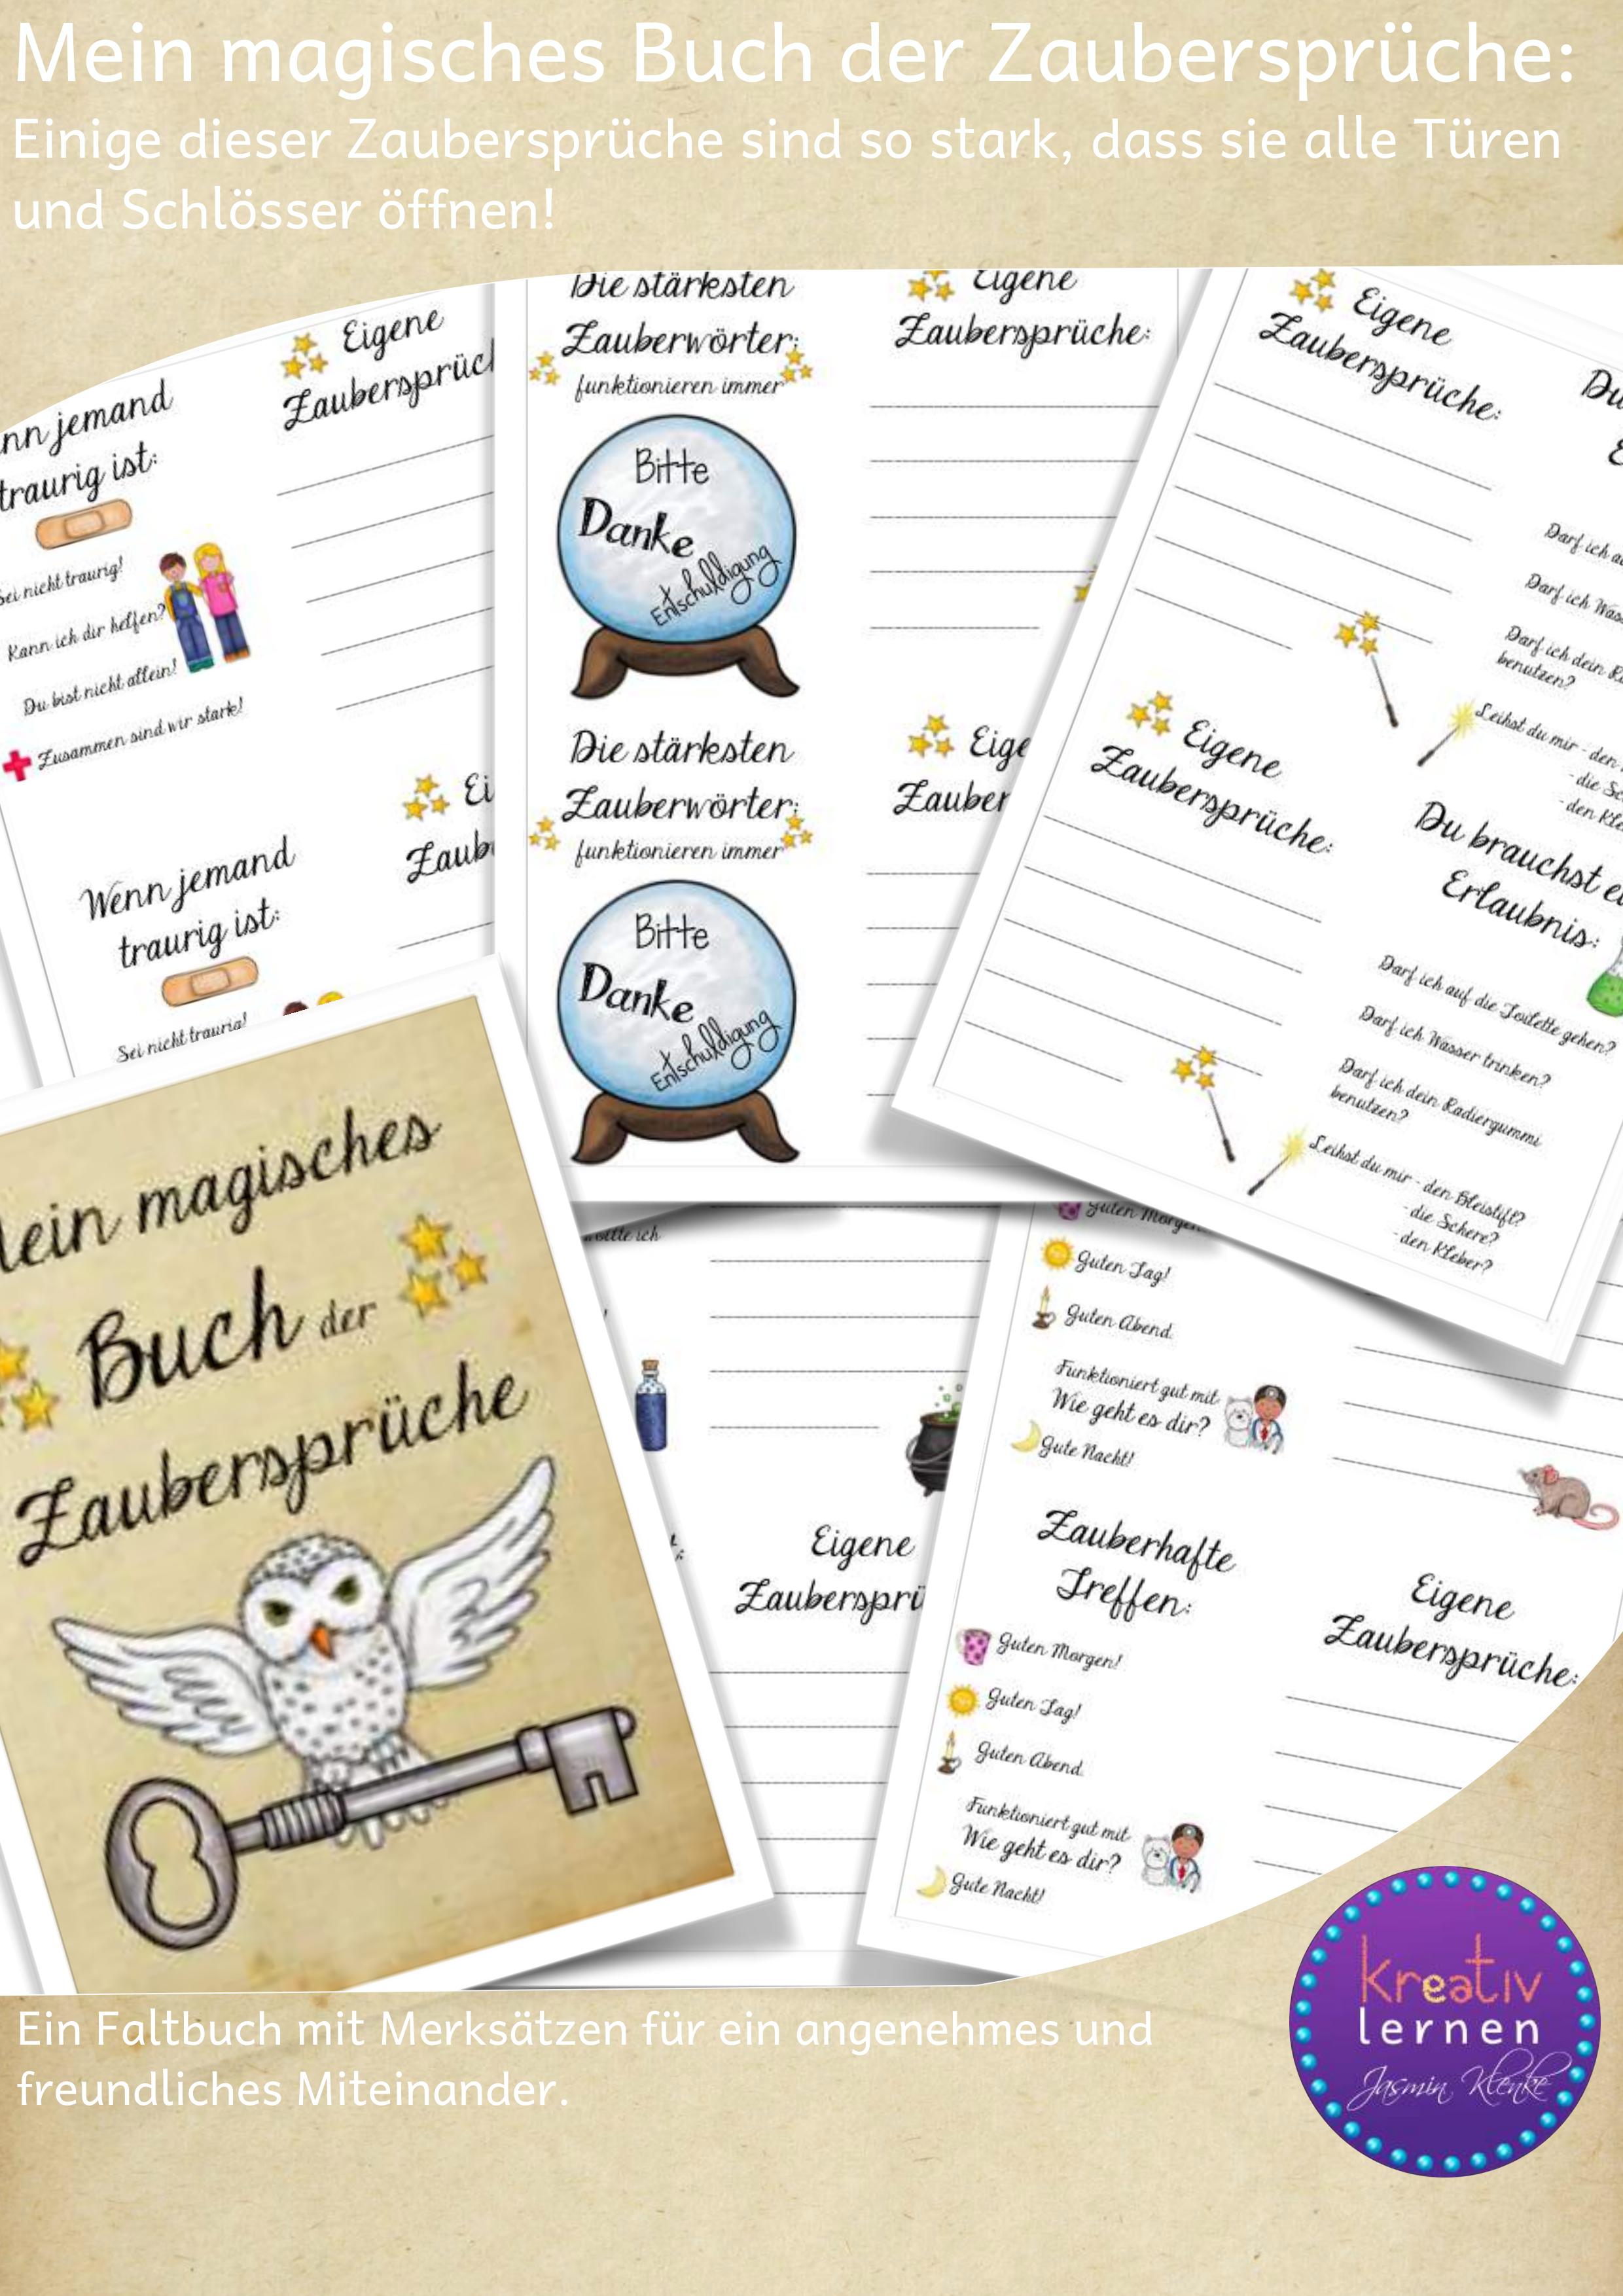 Mein Magisches Buch Der Zauberspruche Unterrichtsmaterial Im Fach Fachubergreifendes Magisches Buch Zauberspruche Bucher